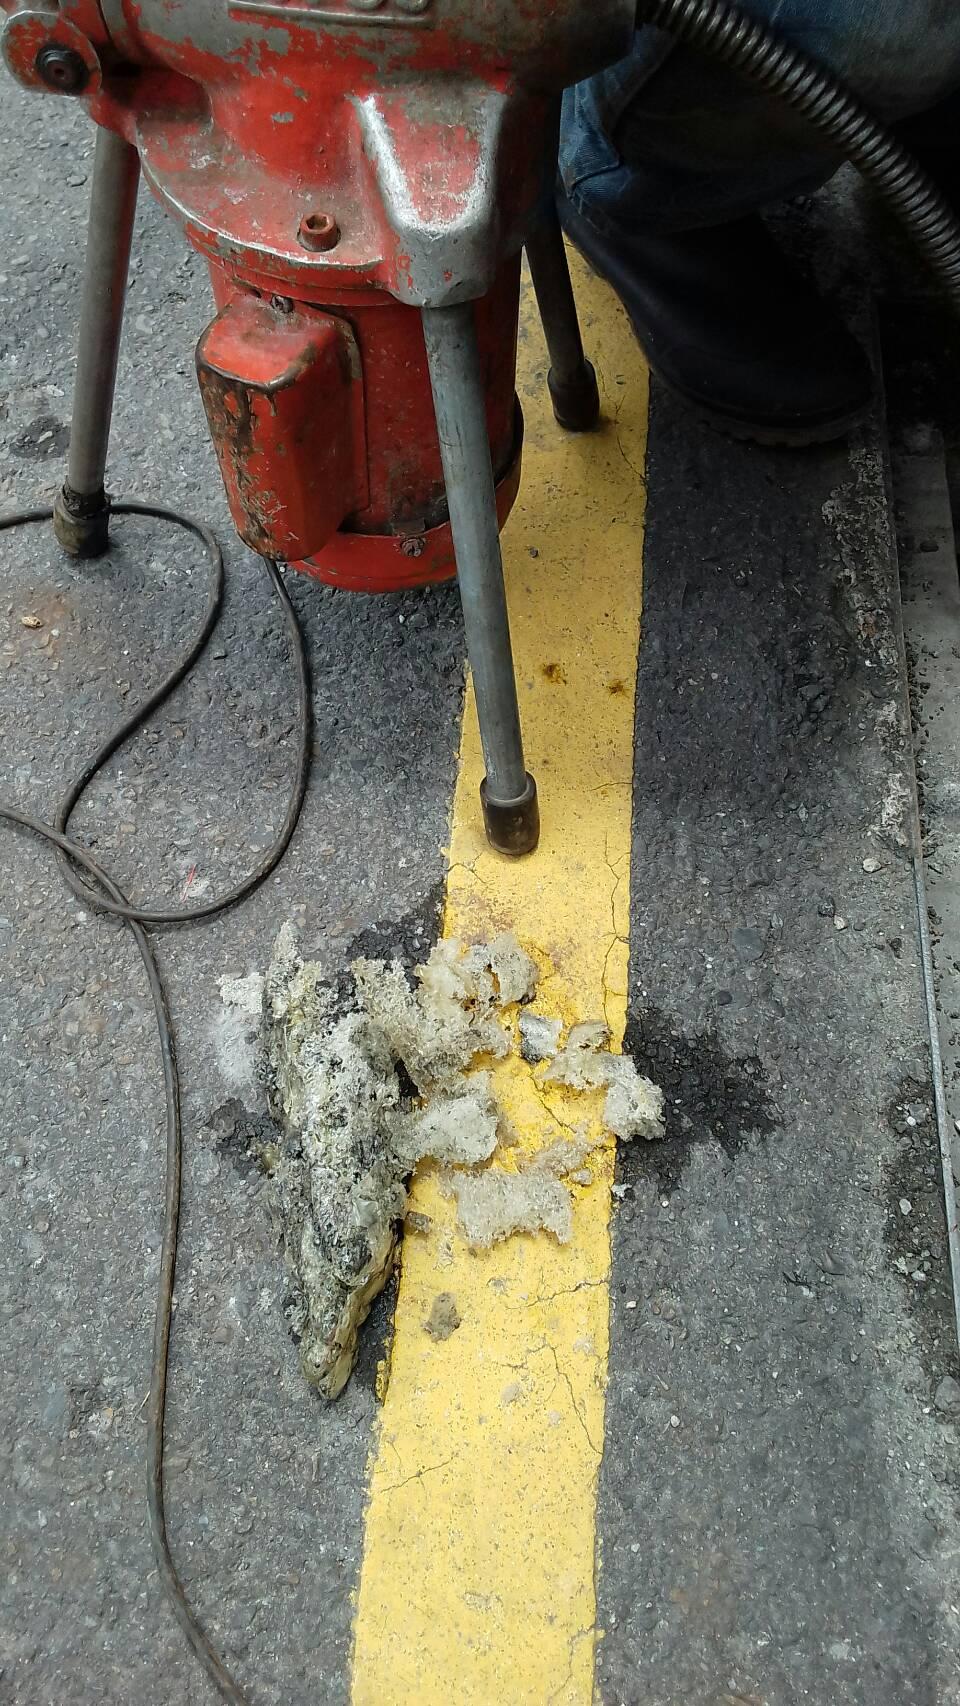 排水管填縫劑(抓漏注射用)堵塞疏通